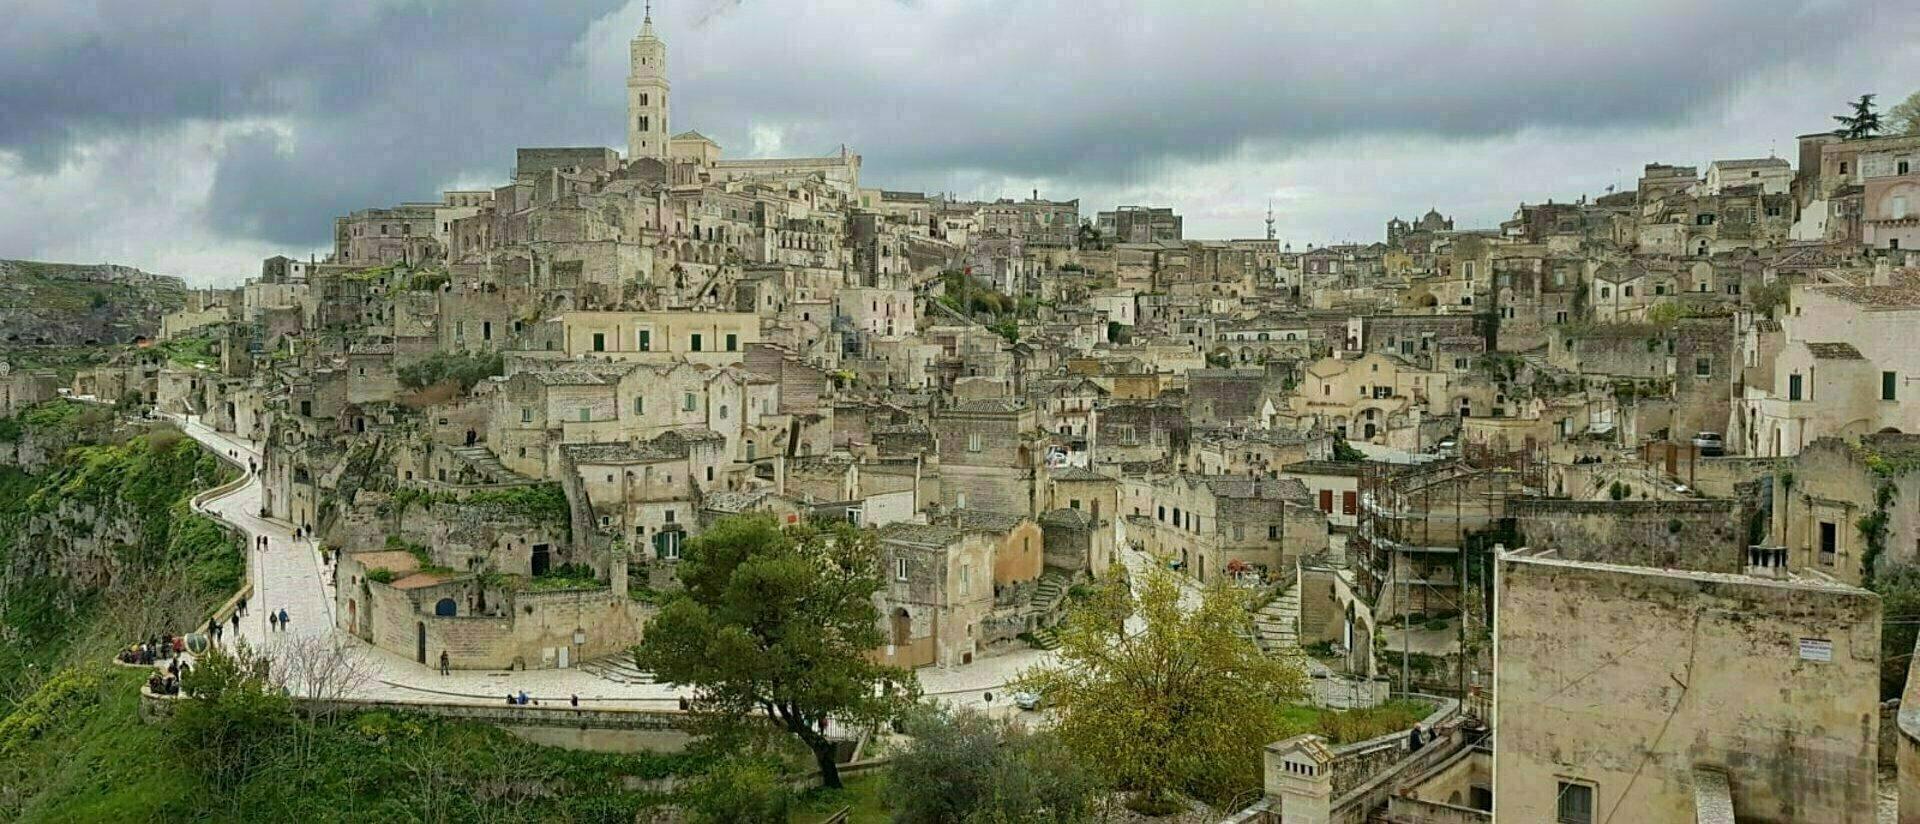 Matera - Itinerario alla scoperta della Basilicata e della Puglia